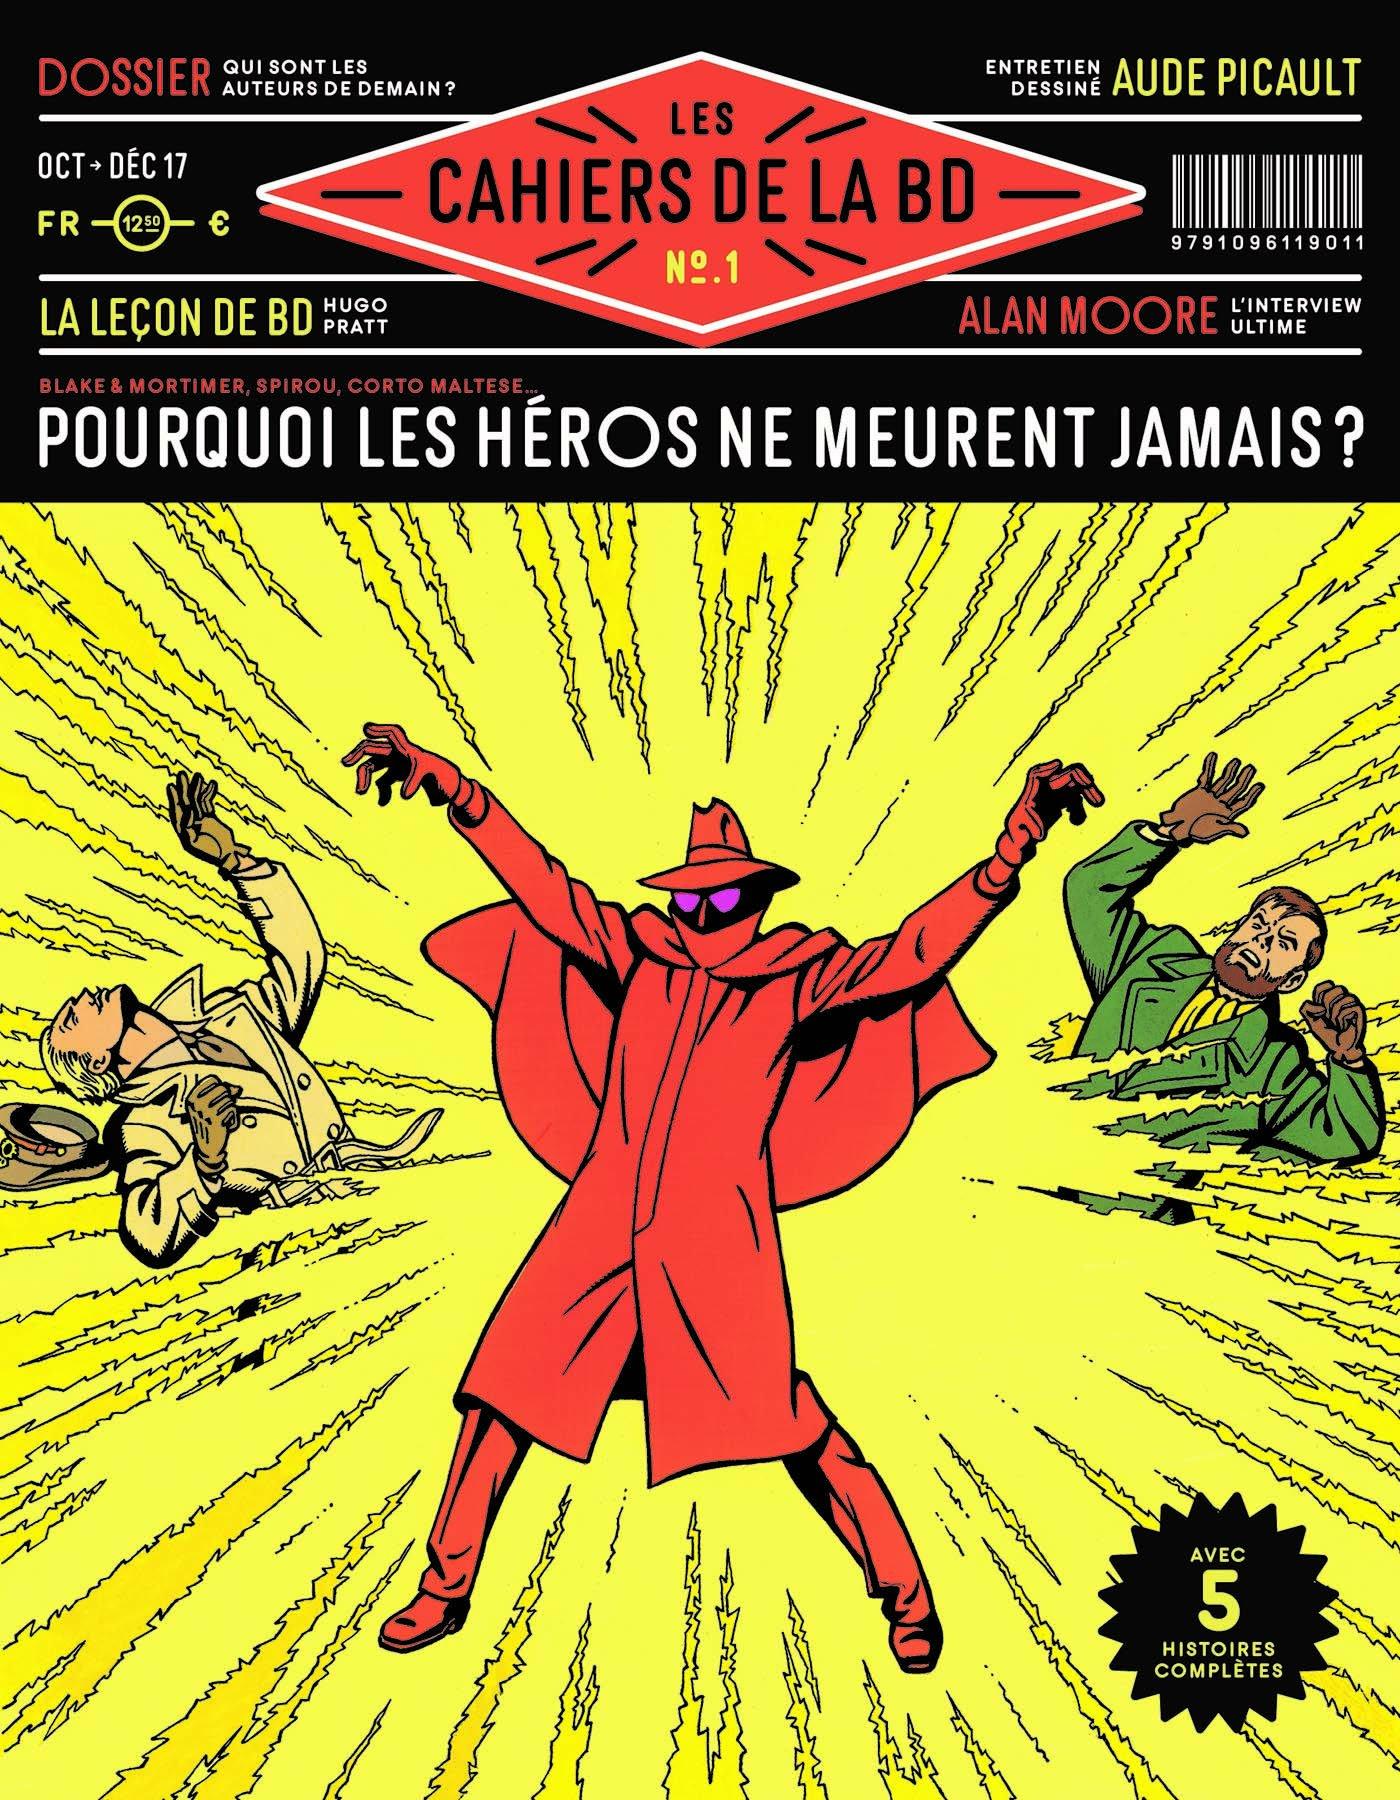 Les cahiers de la BD (Vagator) 1 - Pourquoi les héros ne meurent-ils jamais ?